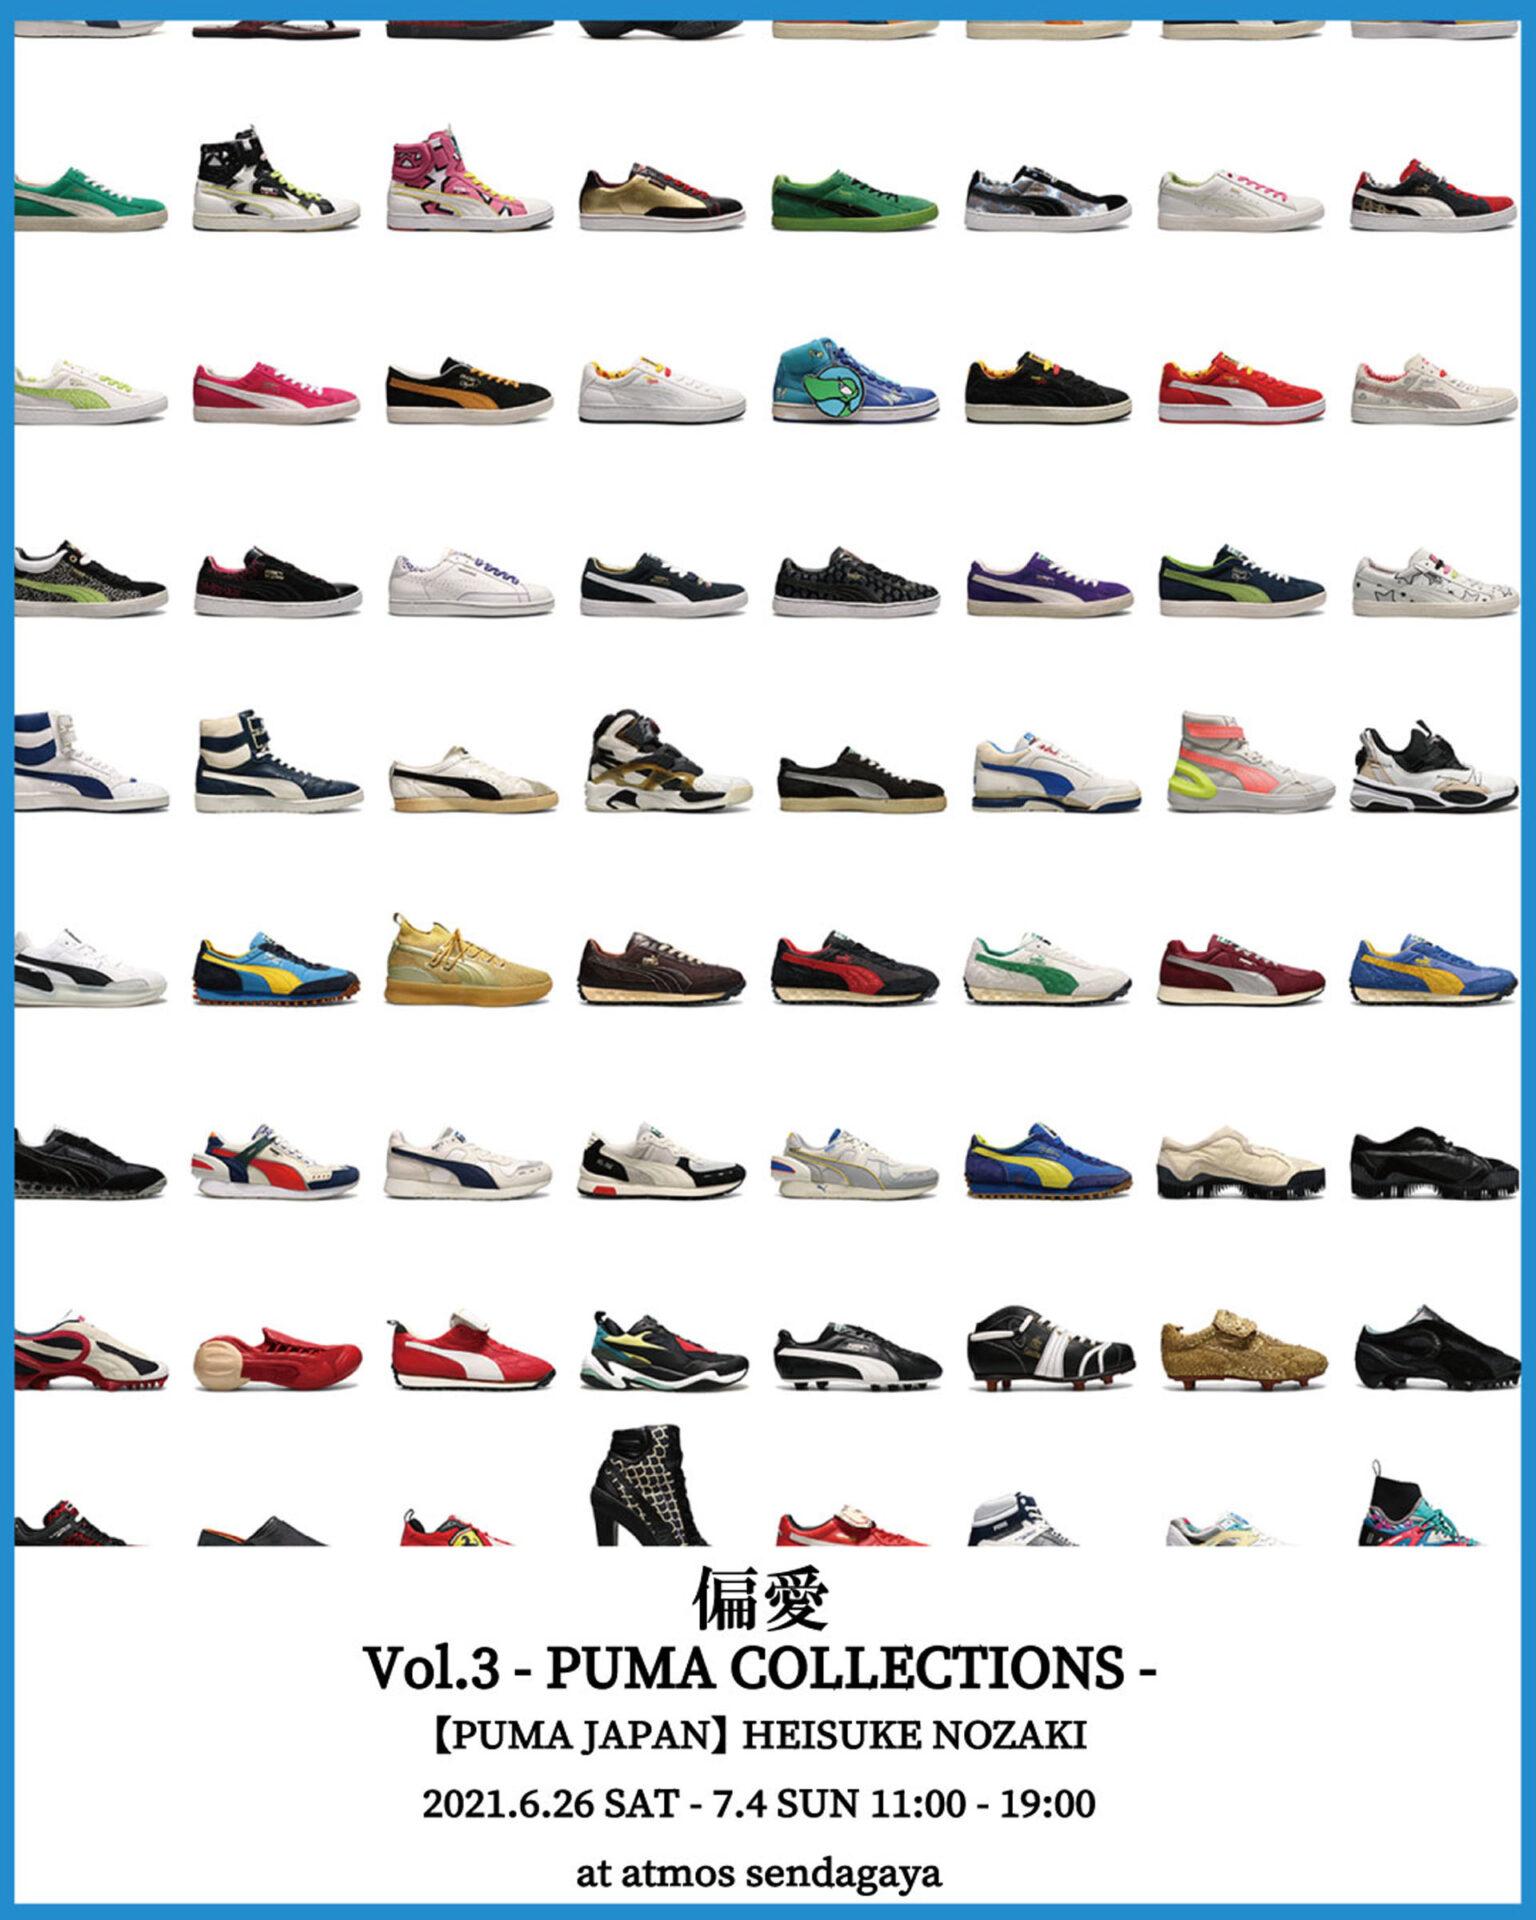 ストリートなイベント【東京】偏愛Vol.3 -PUMA collections- atmosが偏愛者たちのマニアックな世界へ誘うシリーズの第三弾!